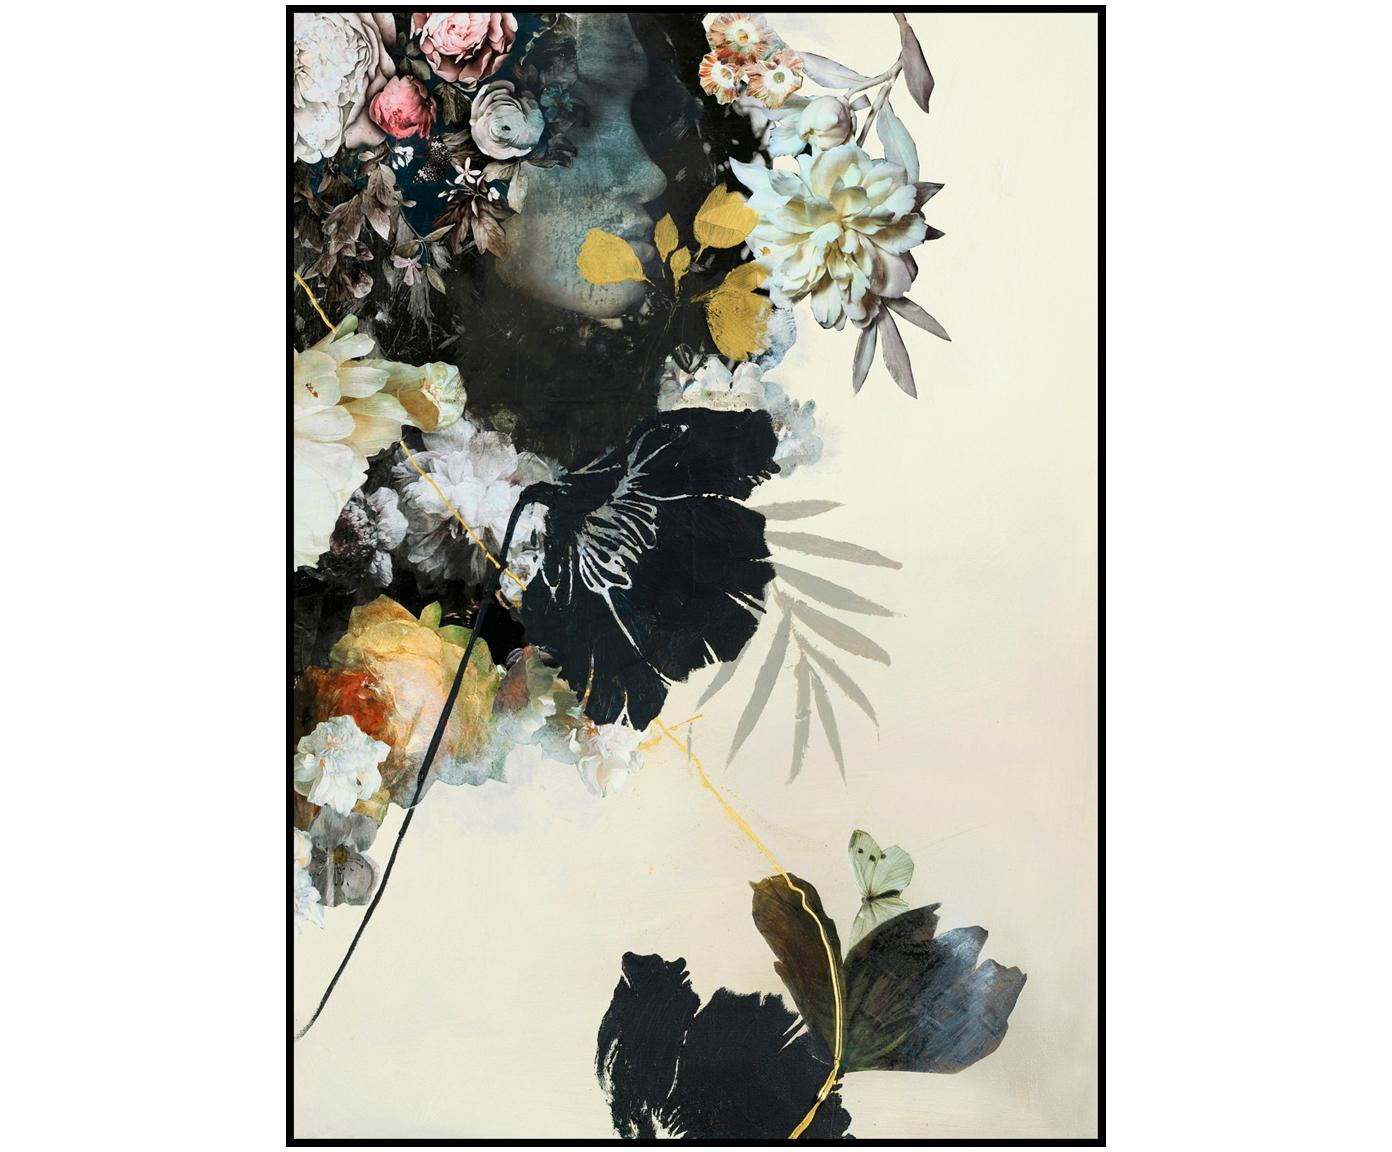 Ingelijste digitale print Haute Couture, Afbeelding: digitale print op papier , Frame: Vezelplaat met hoge dicht, Multicolour, 30 x 40 cm